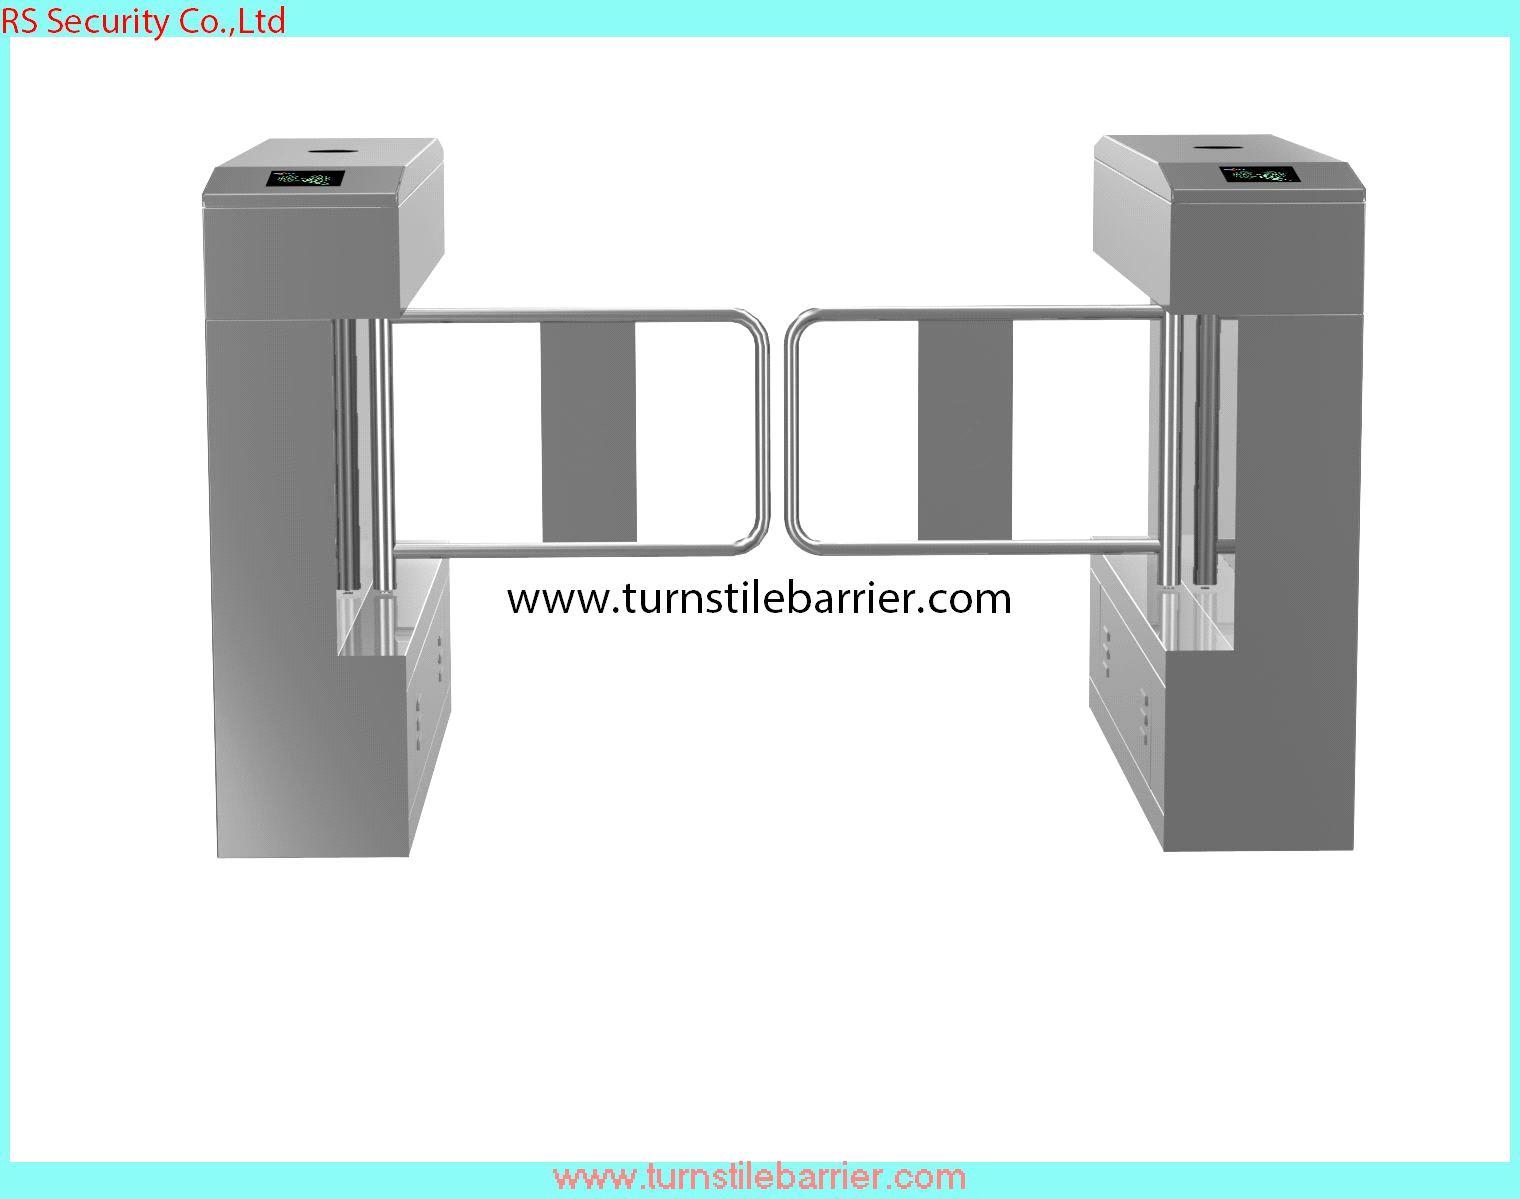 Swing Channel, Swing Gate Turnstile, Swing Turnstile Barrier for Access  Control